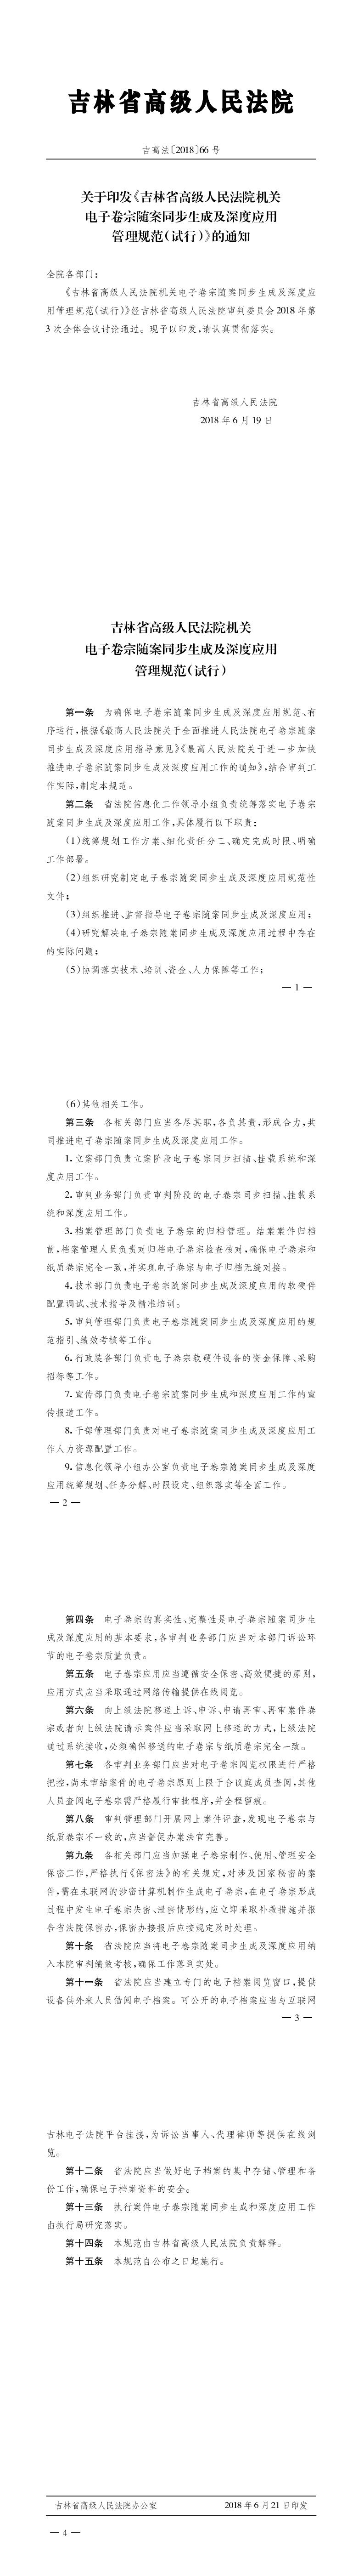 吉高法〔2018〕66号《吉林省高级人民法院机关电子卷宗随案同步生成及深度应用管理规范(试行)》